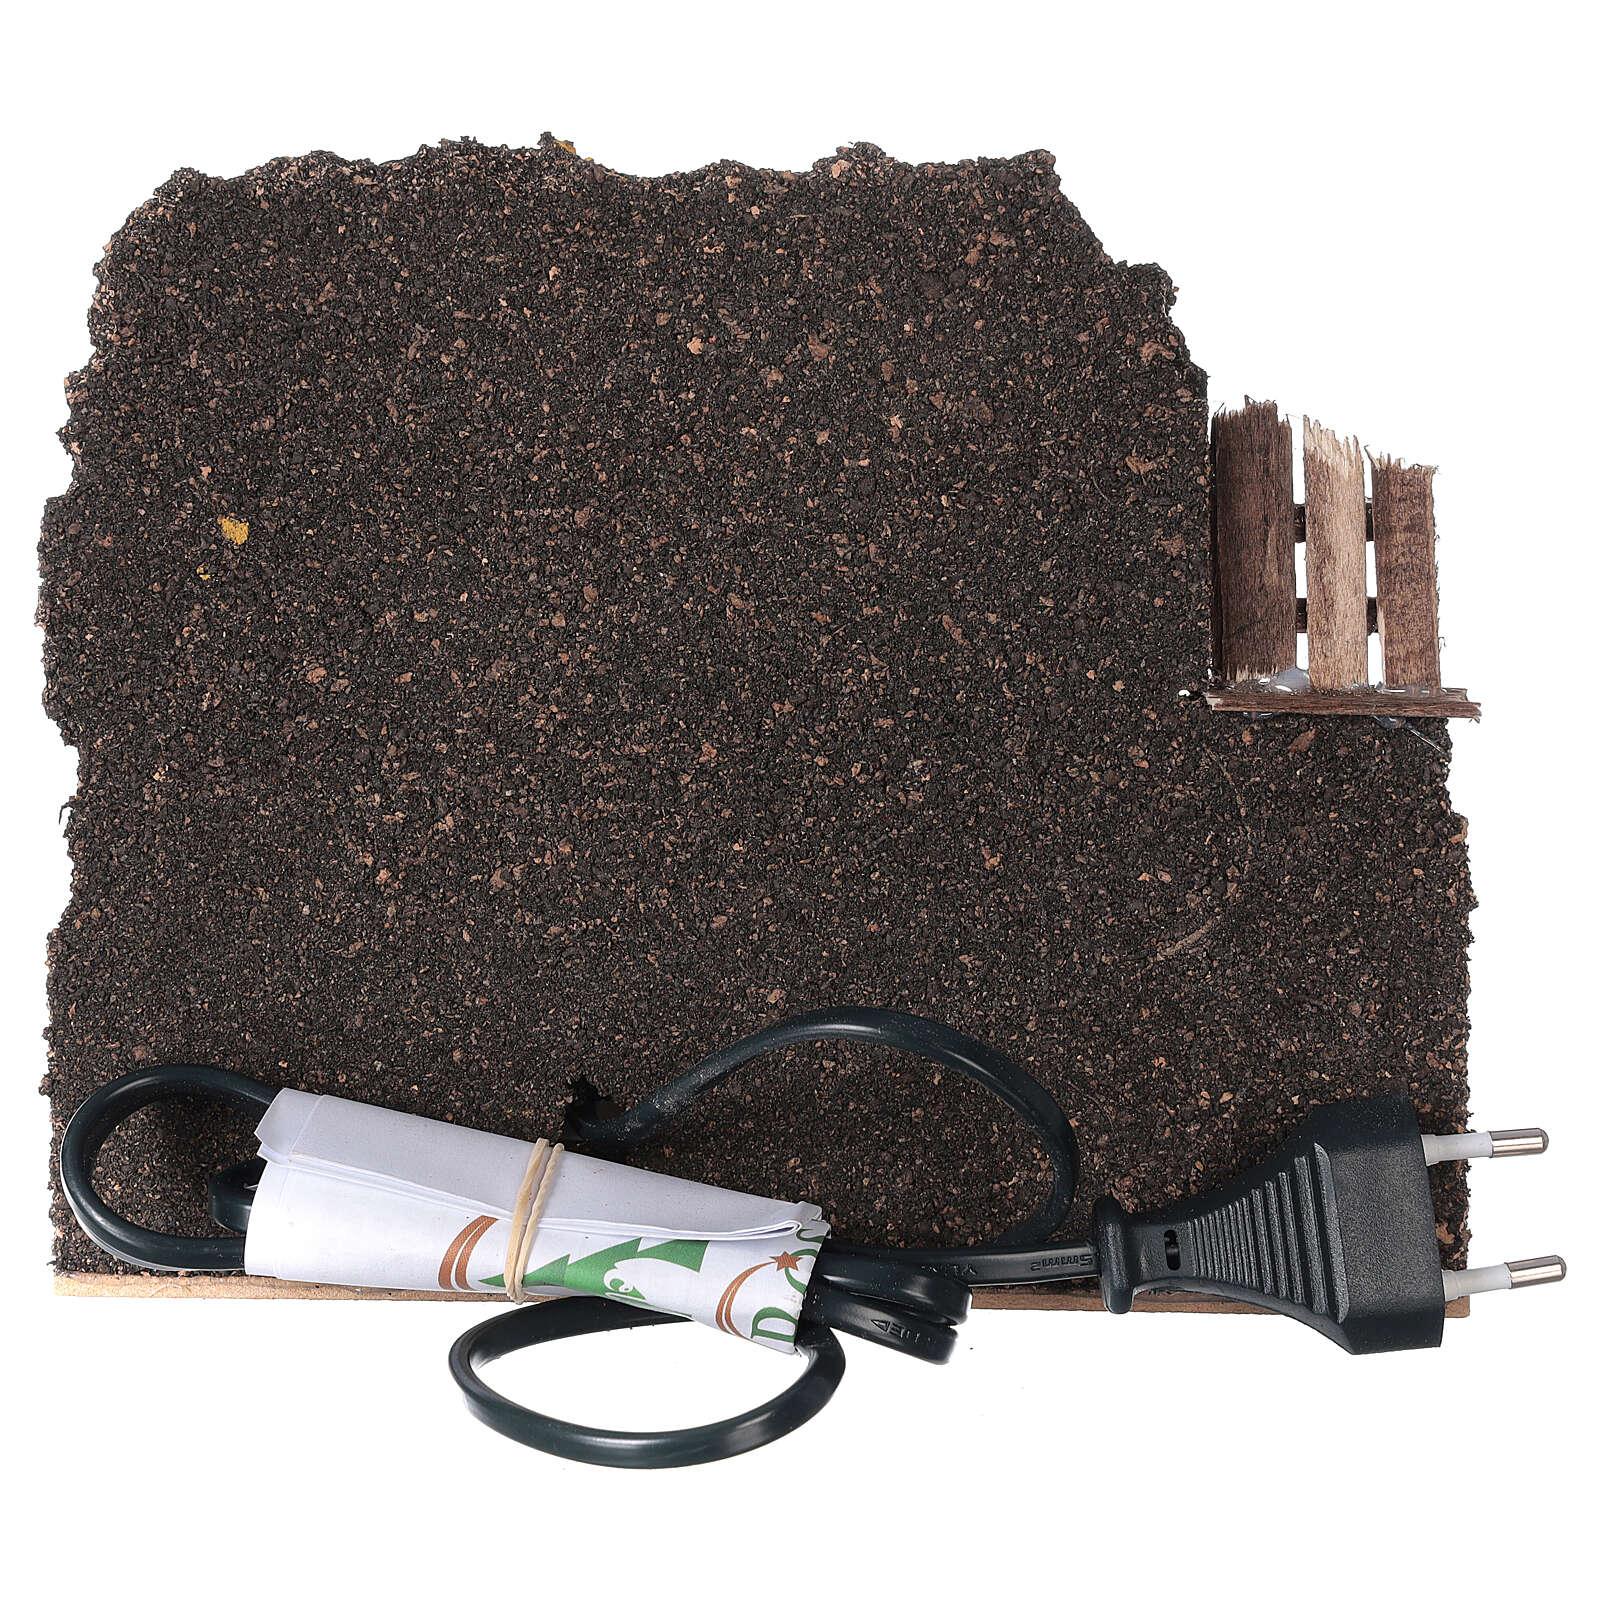 Forno legna elettrico eff fiamma presepe 15x20x15 cm figure 8-10 cm 4